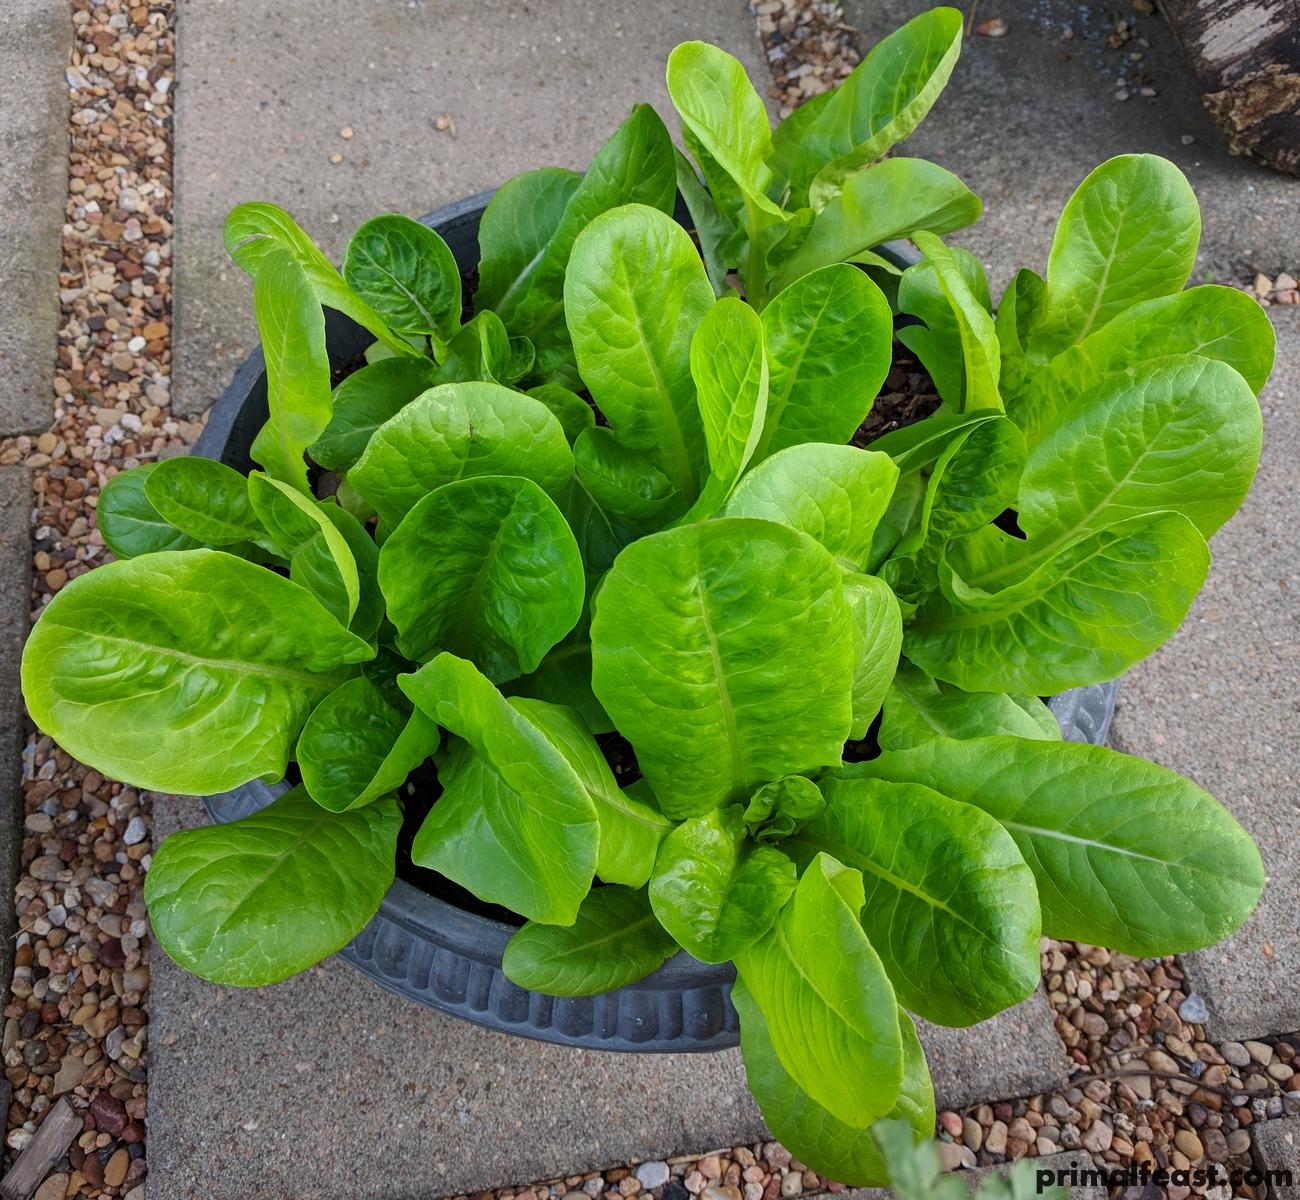 2018 0404 lettuce.jpg